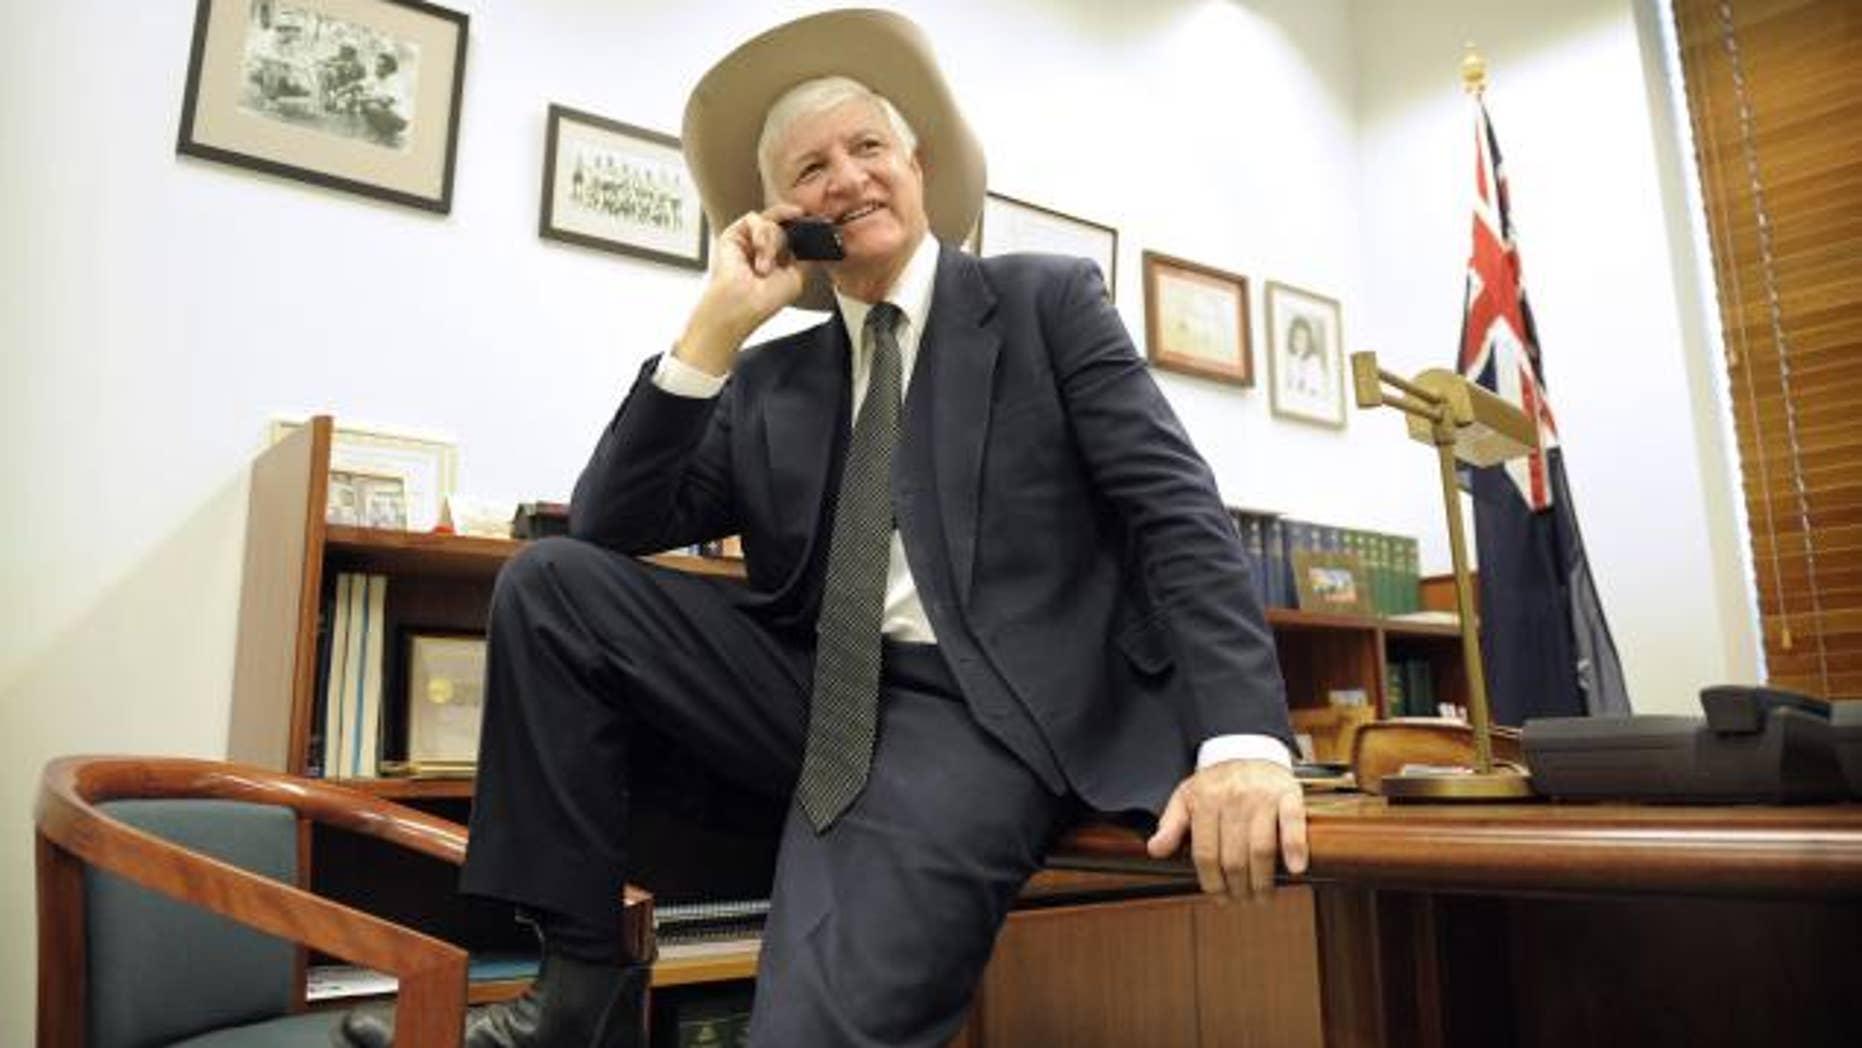 Bob Katter in 2010.